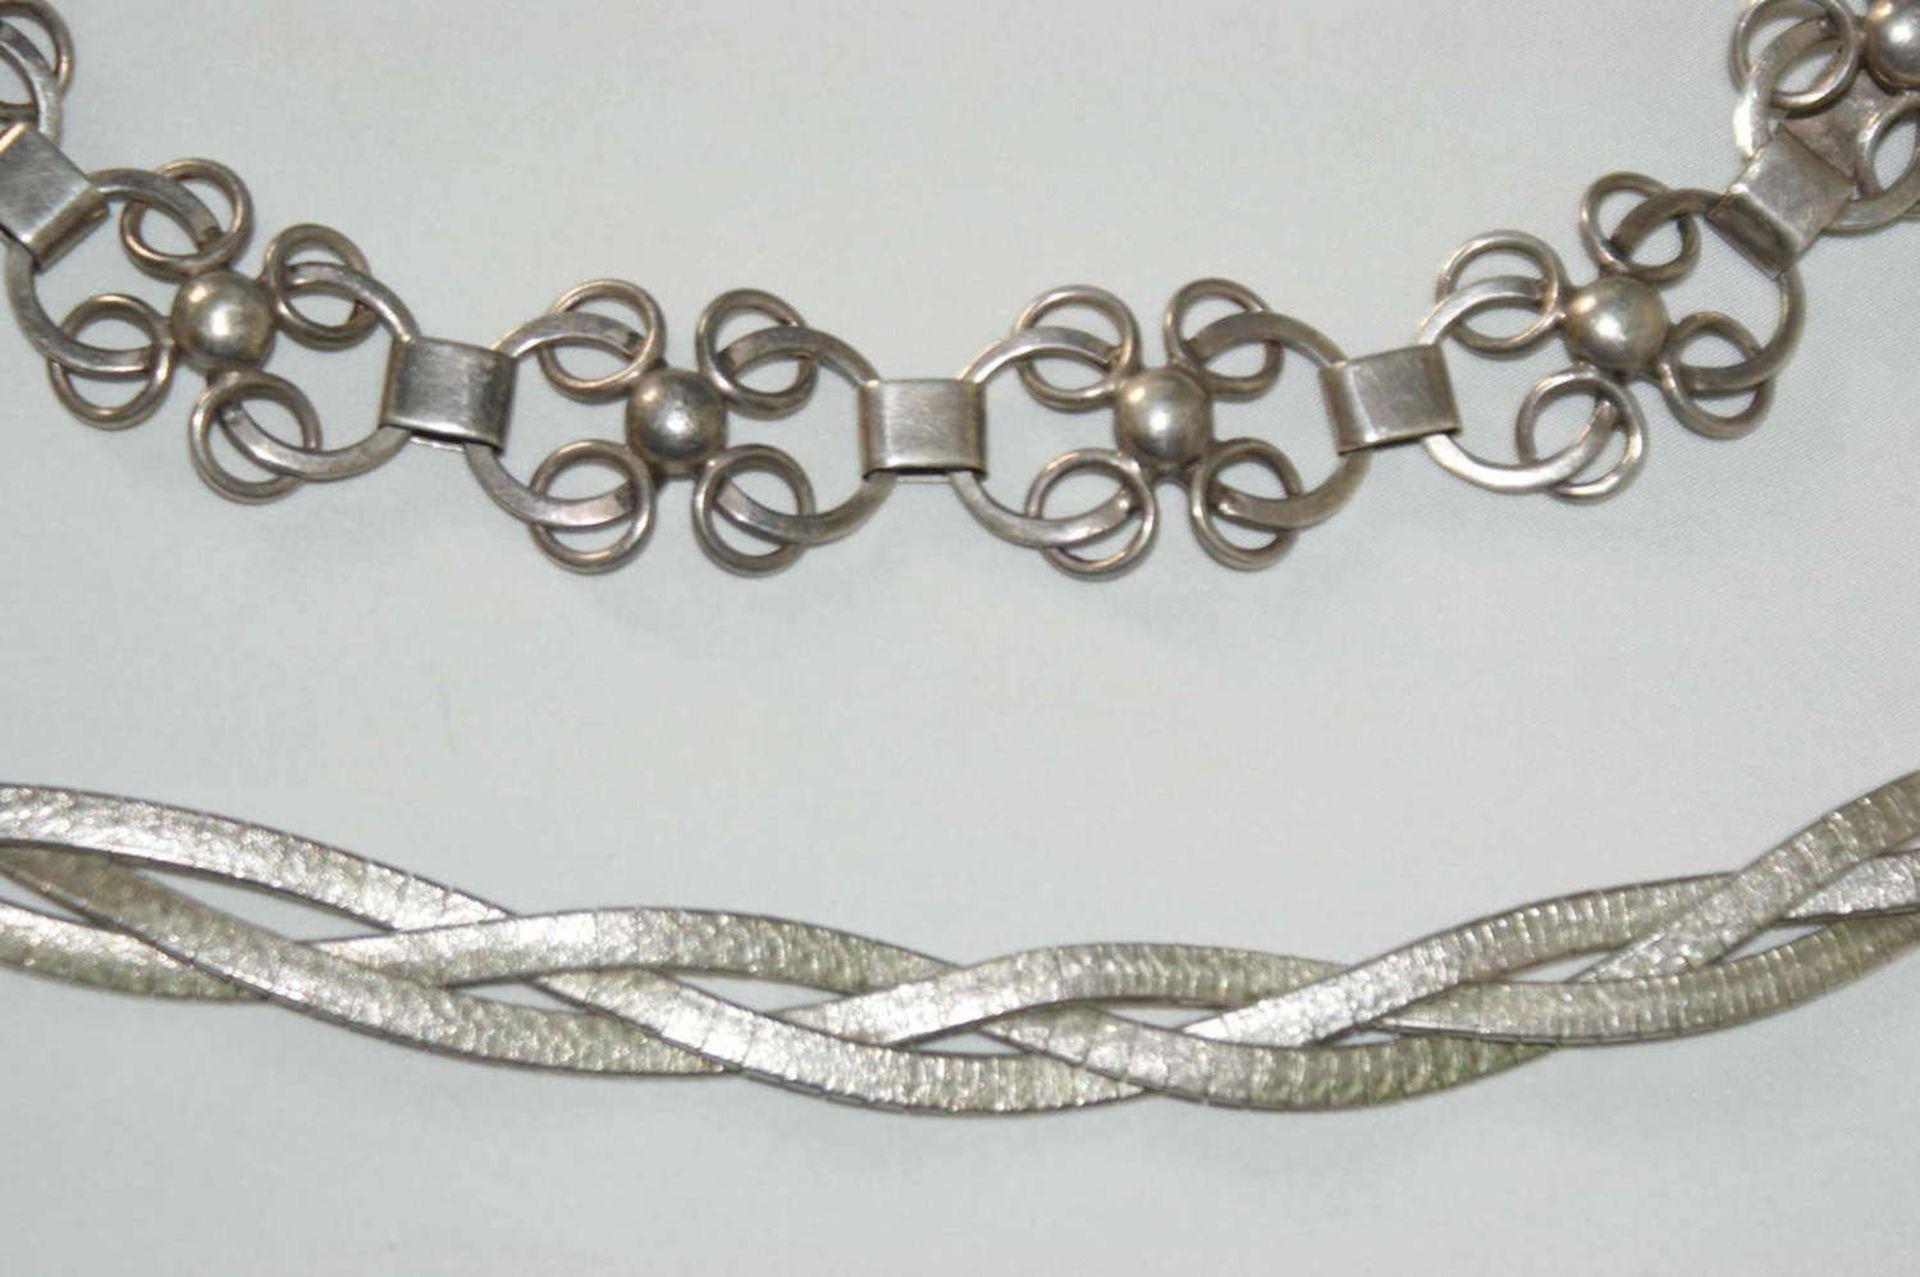 2 Armbänder, Silber, 1x 835er Silber, sowie 830er Silber. 1x alte Handarbeit. Gewicht ca. 52 gr - Bild 2 aus 2